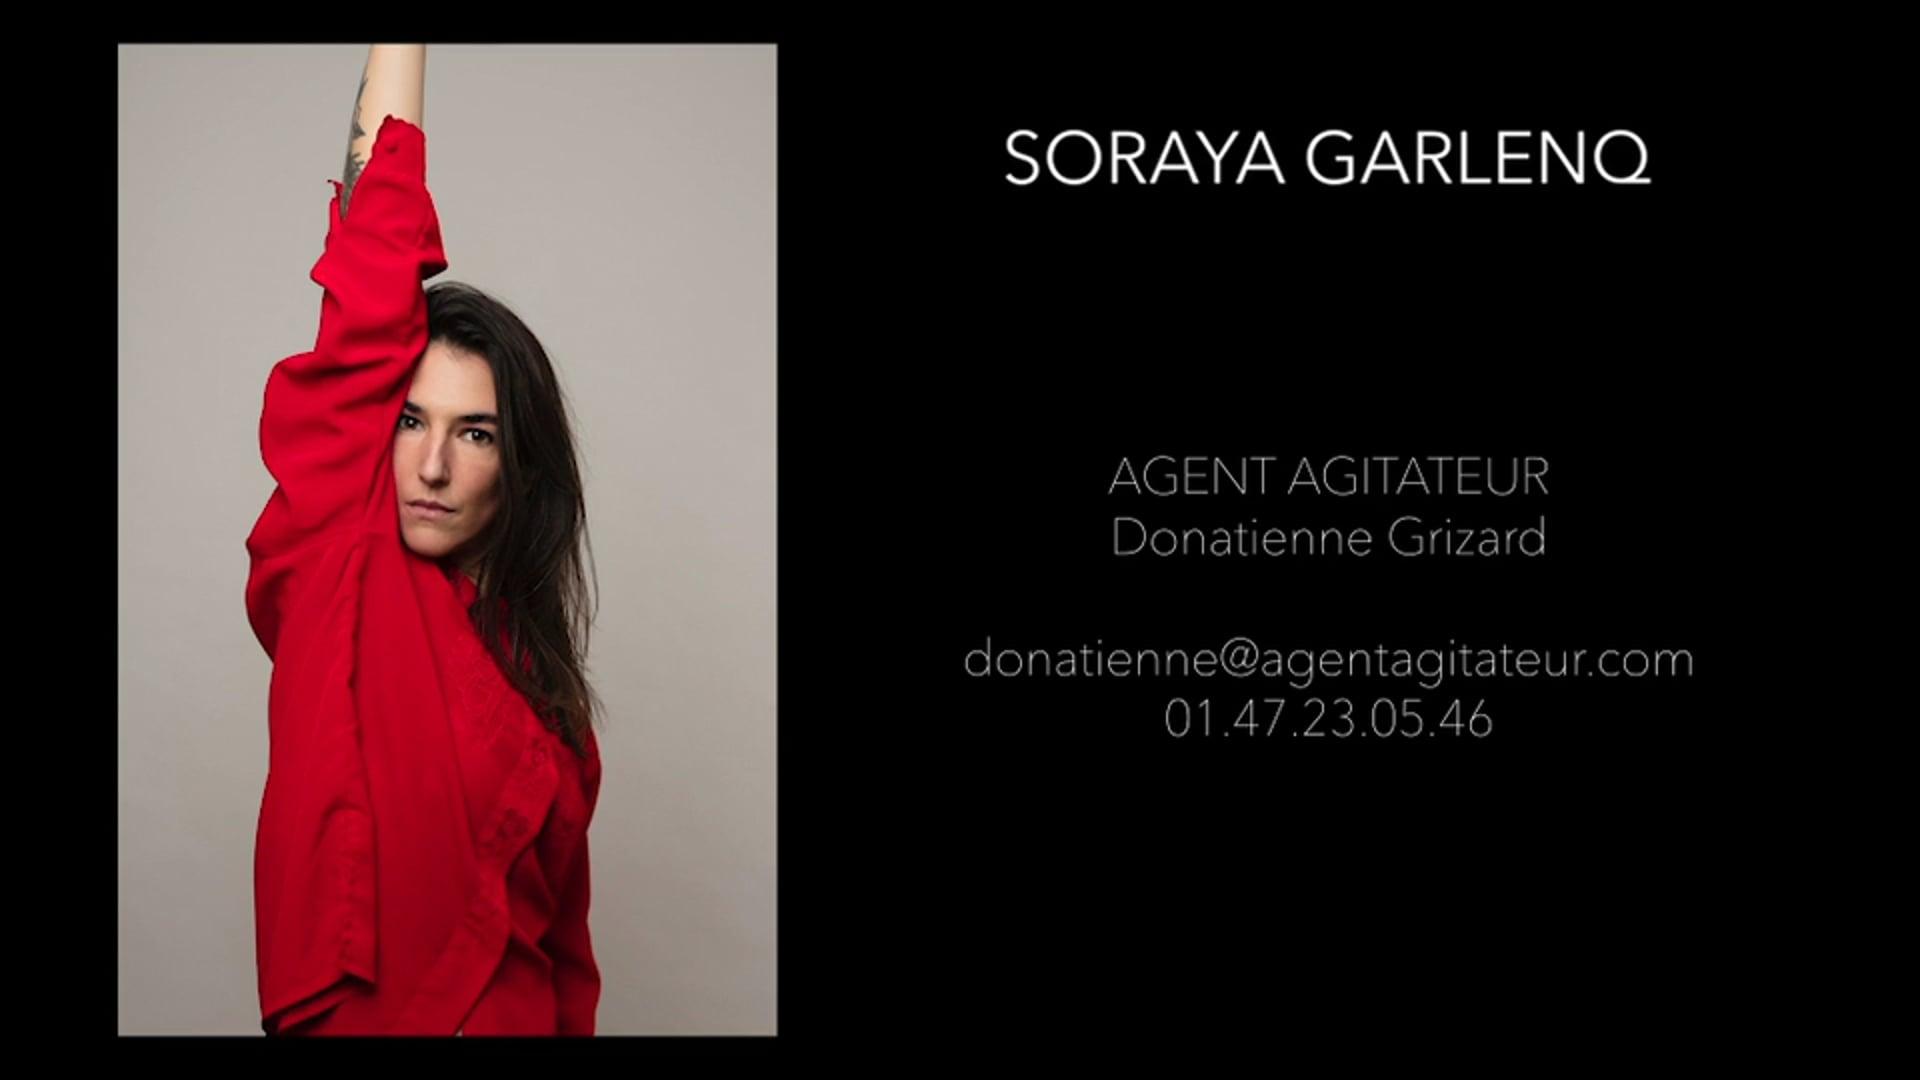 Soraya Garlenq